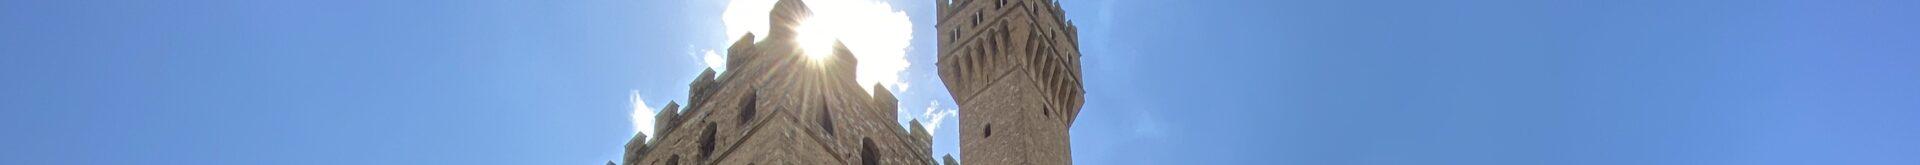 La Toscana chiama le imprese del turismo